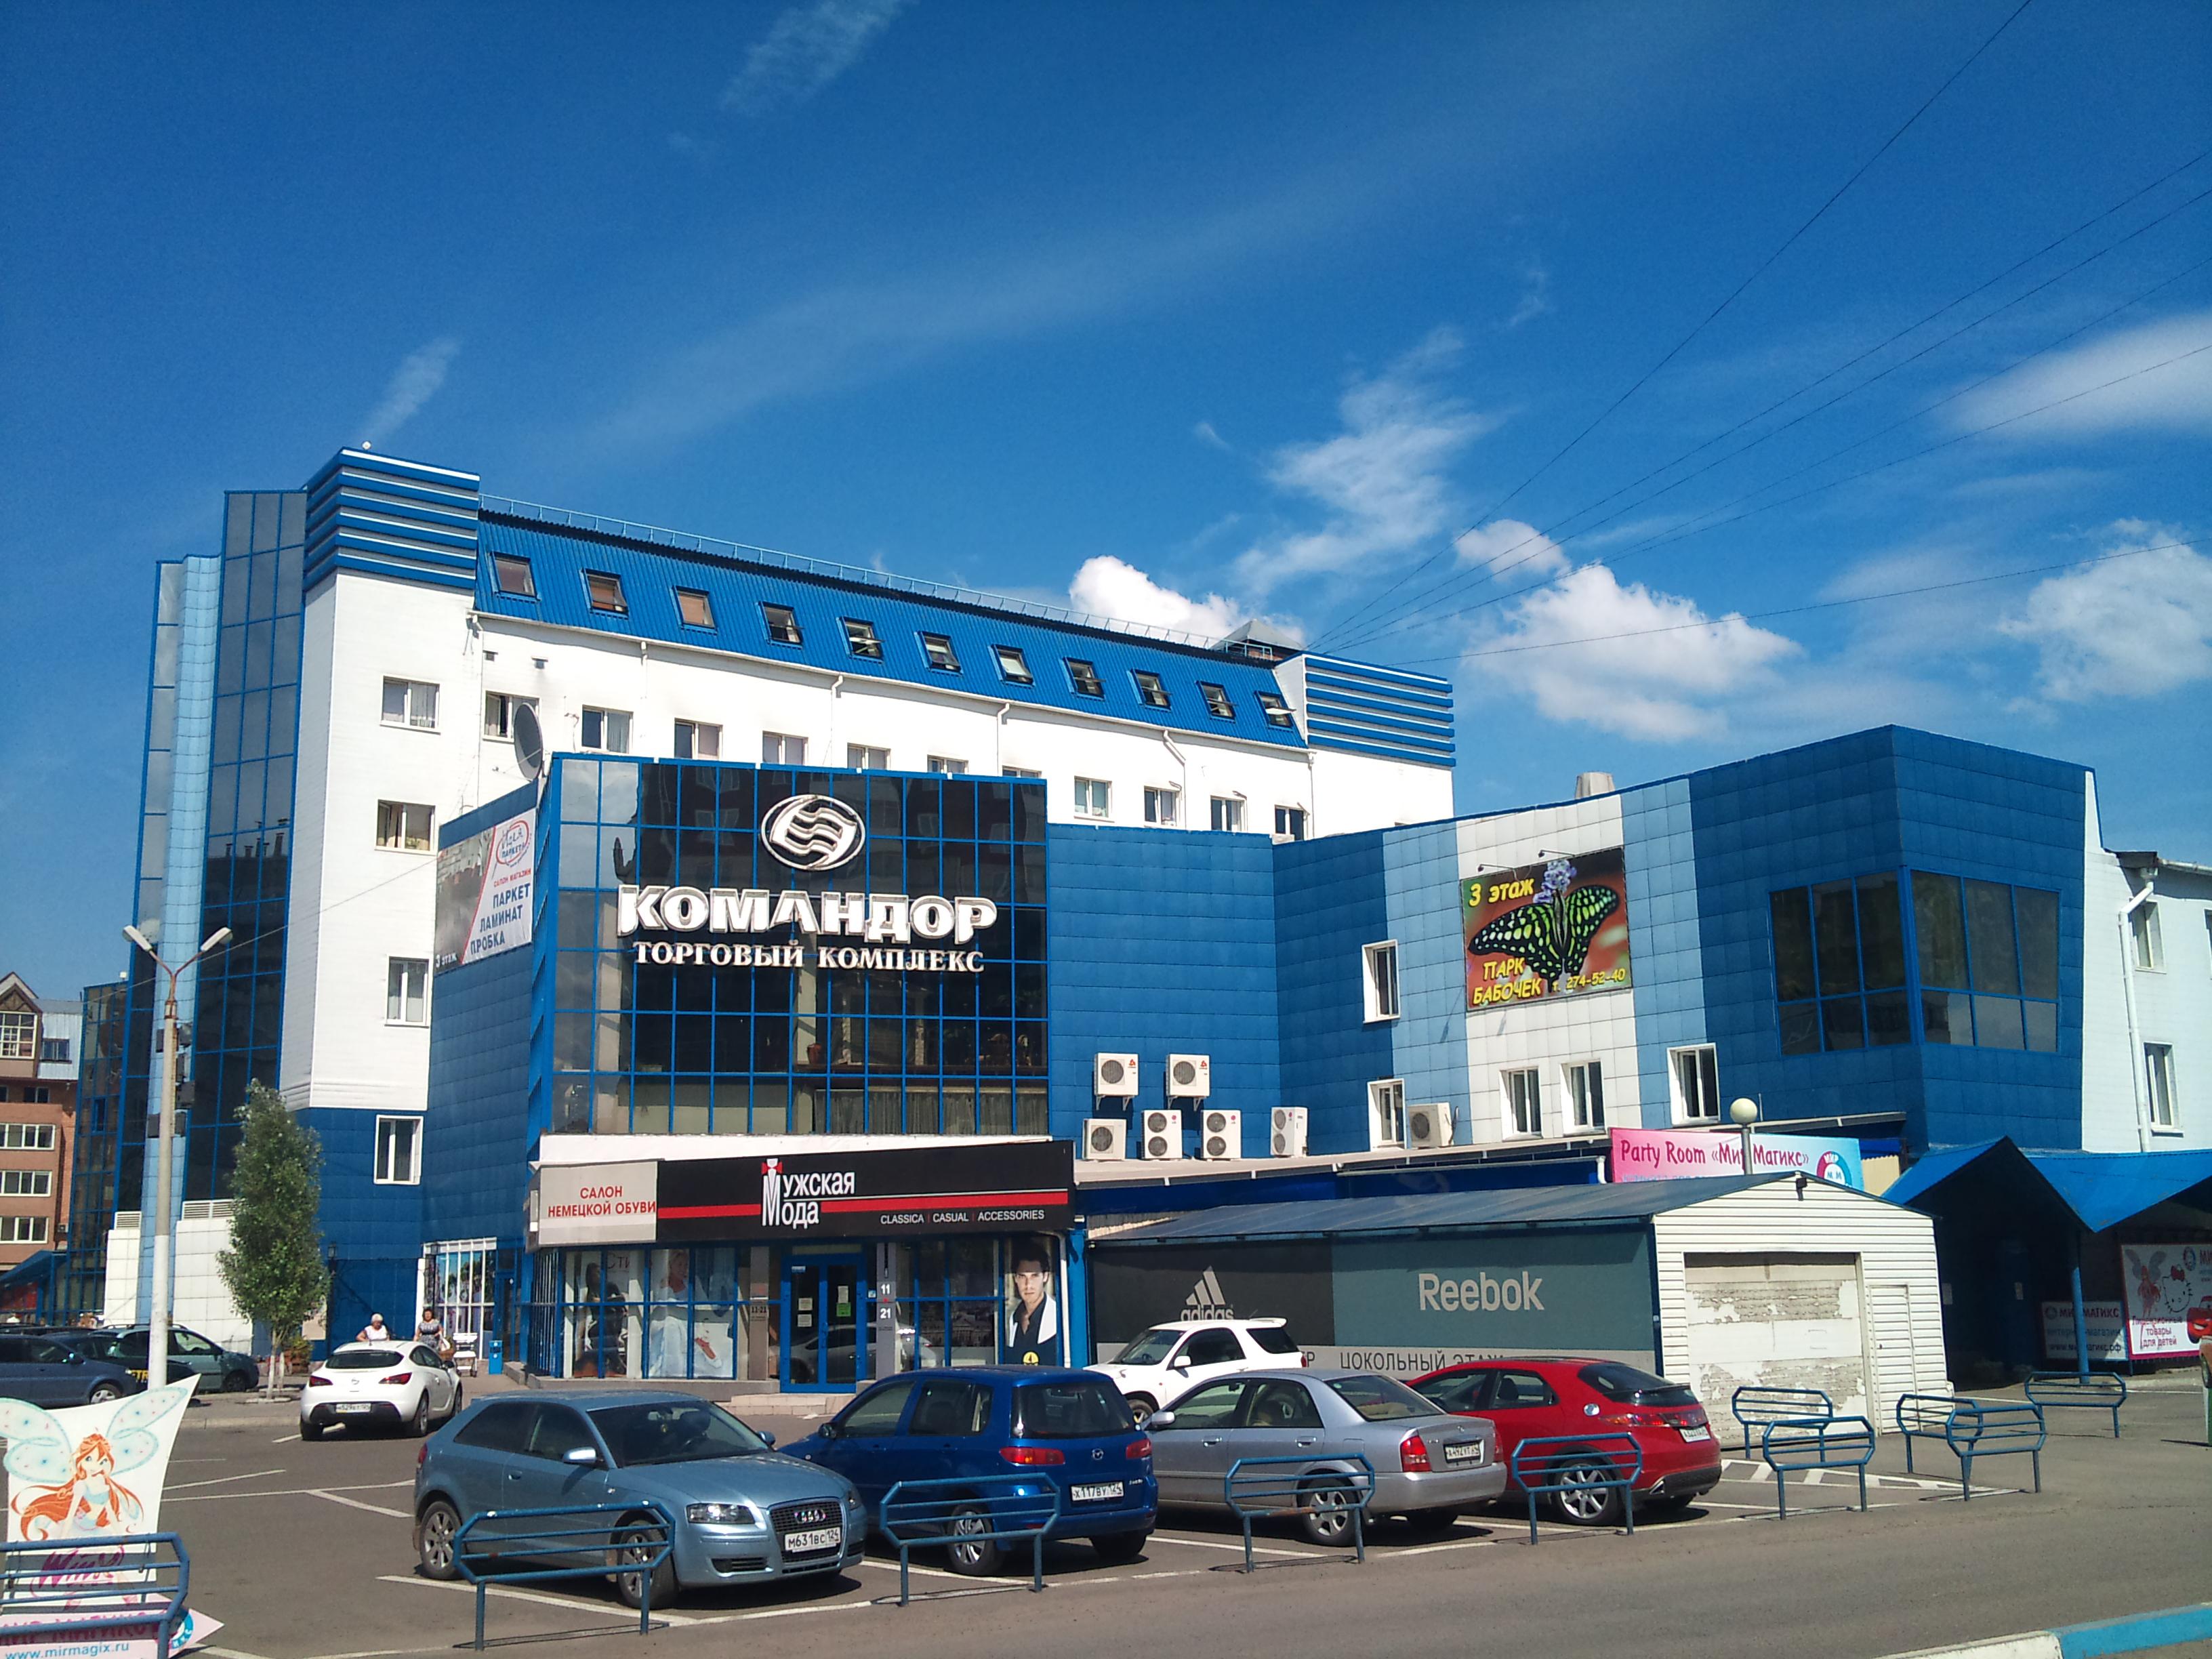 Красноярск торговый комплекс Командор. 24.07.2012 года